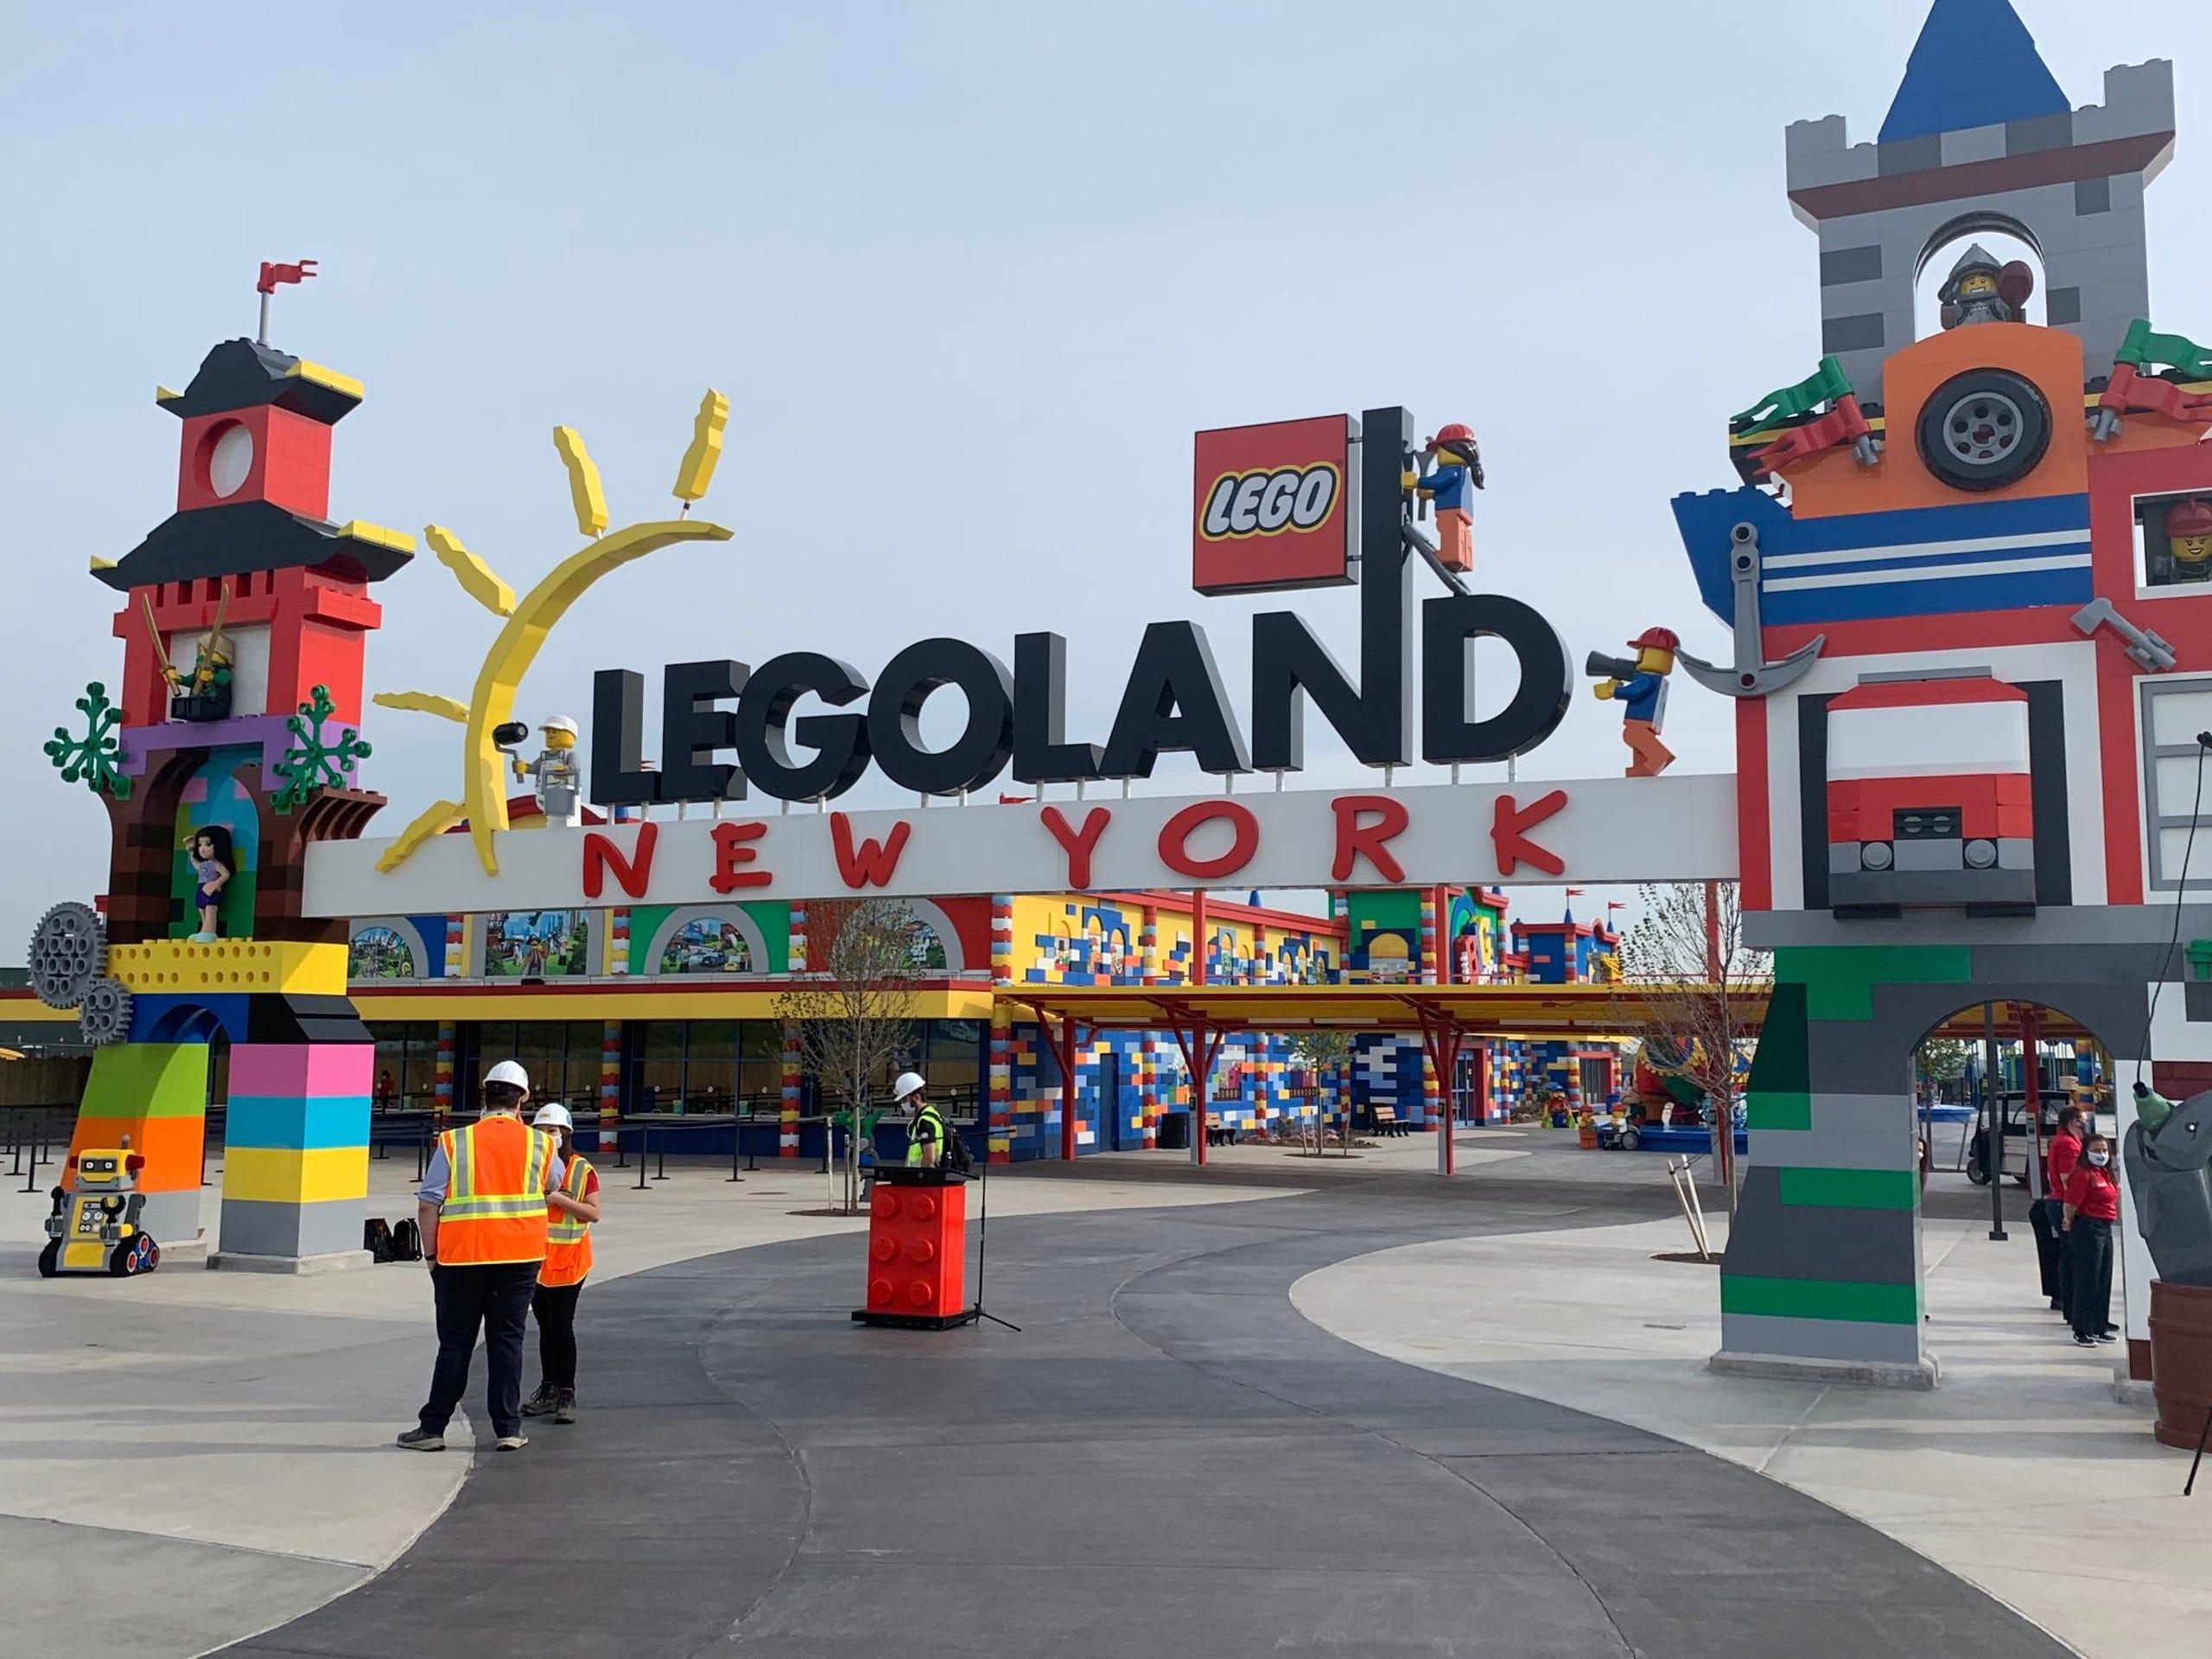 1ddcc682-4d1f-4135-a941-a4dbd88fe946-Lego3.jpeg